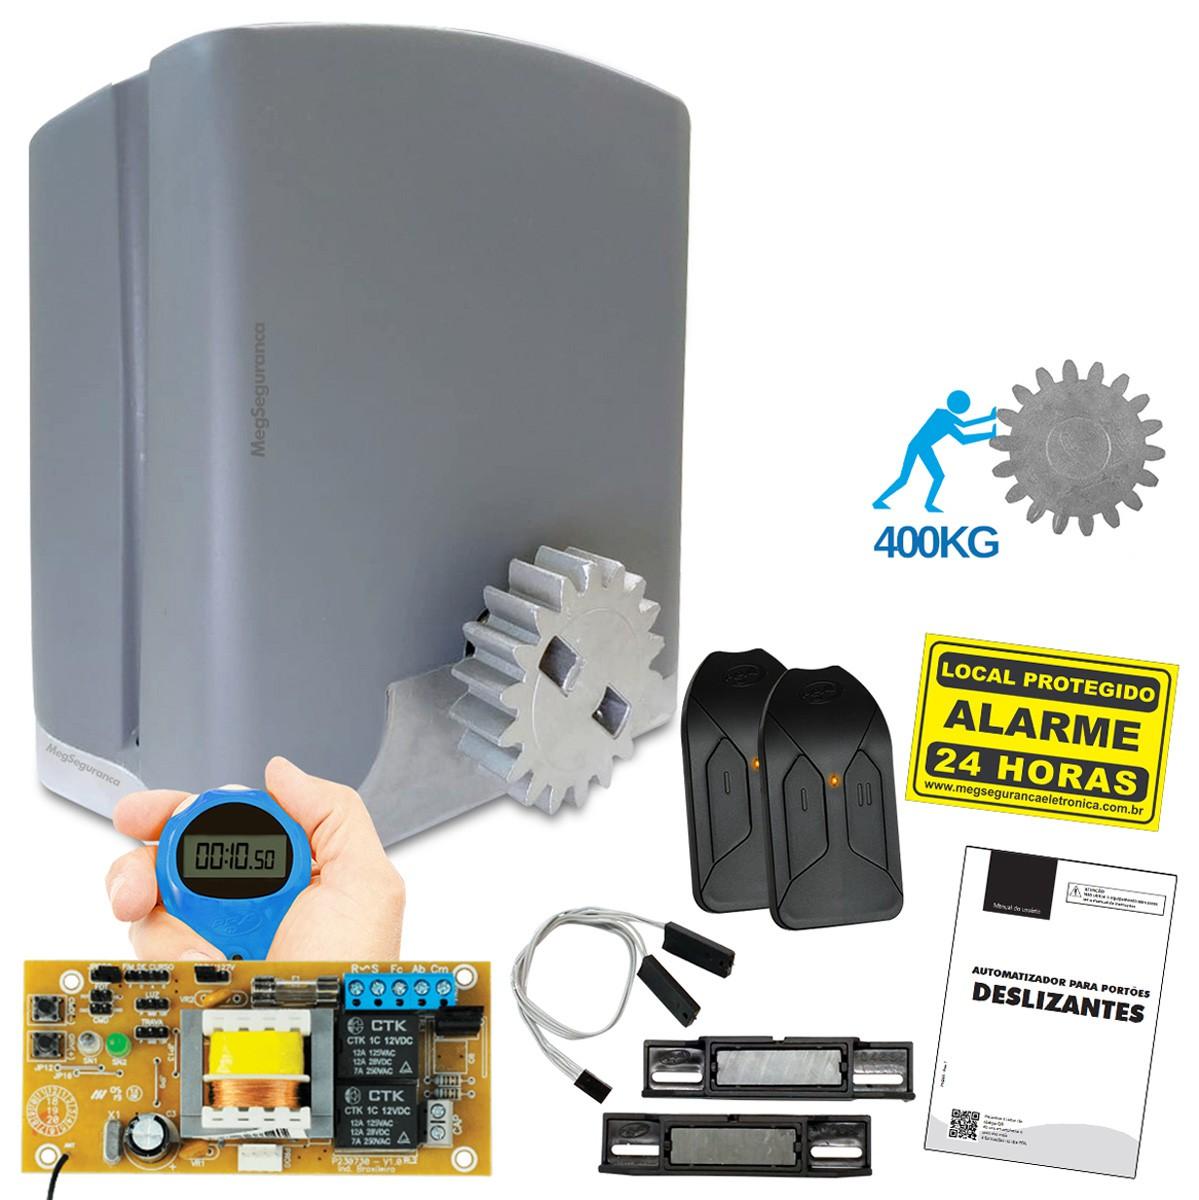 Kit 1 Motor PPA DZ Rio 2 Controles Portão Eletrônico 400kg